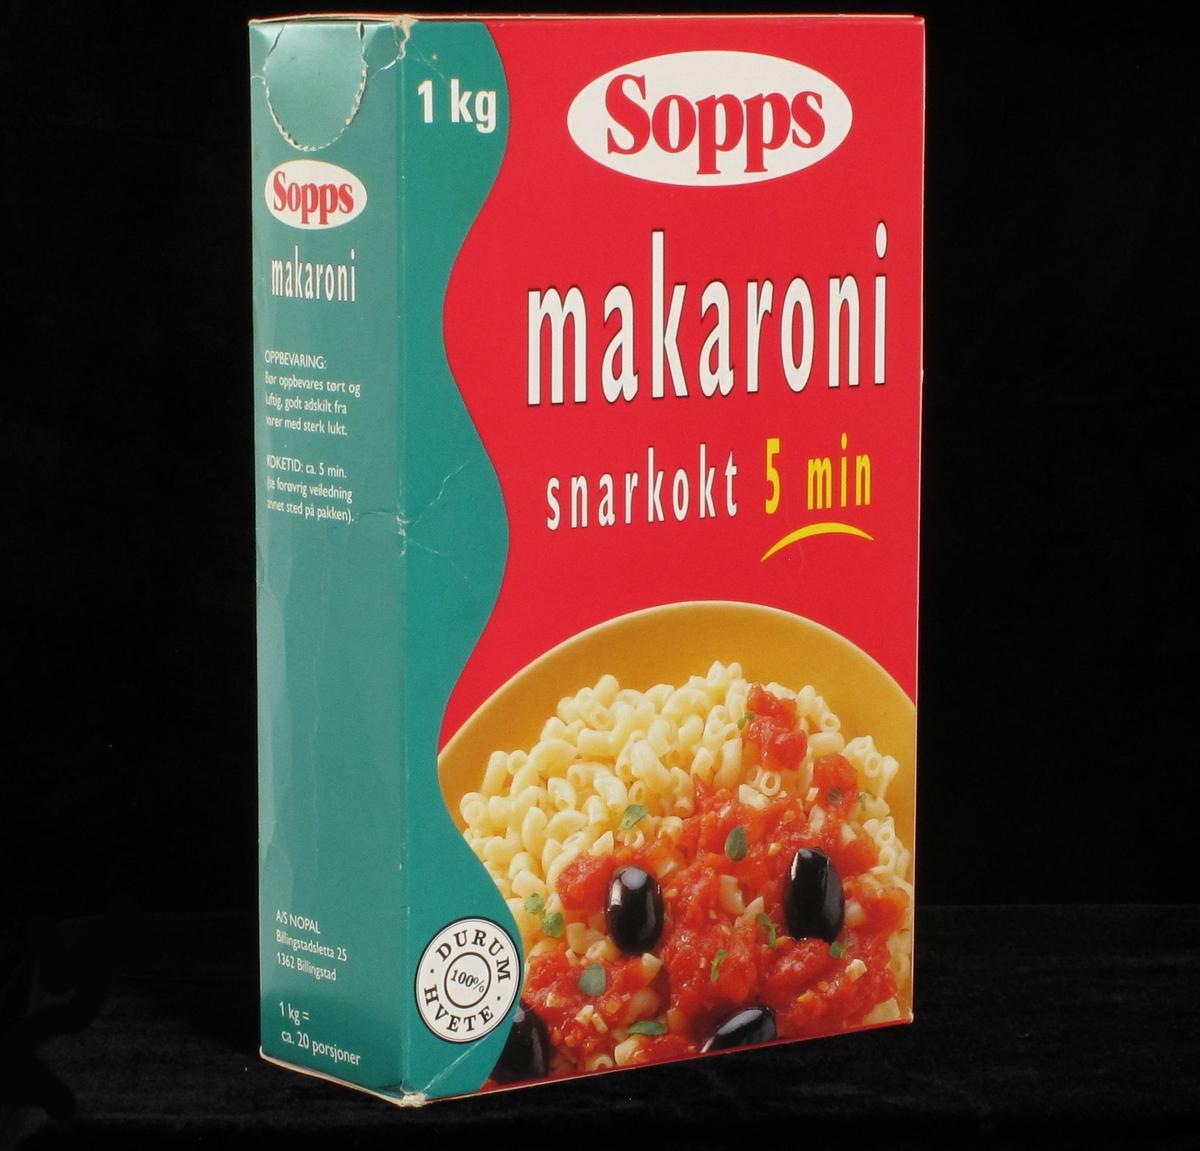 Fat med makaroni, tomatsaus, oliven